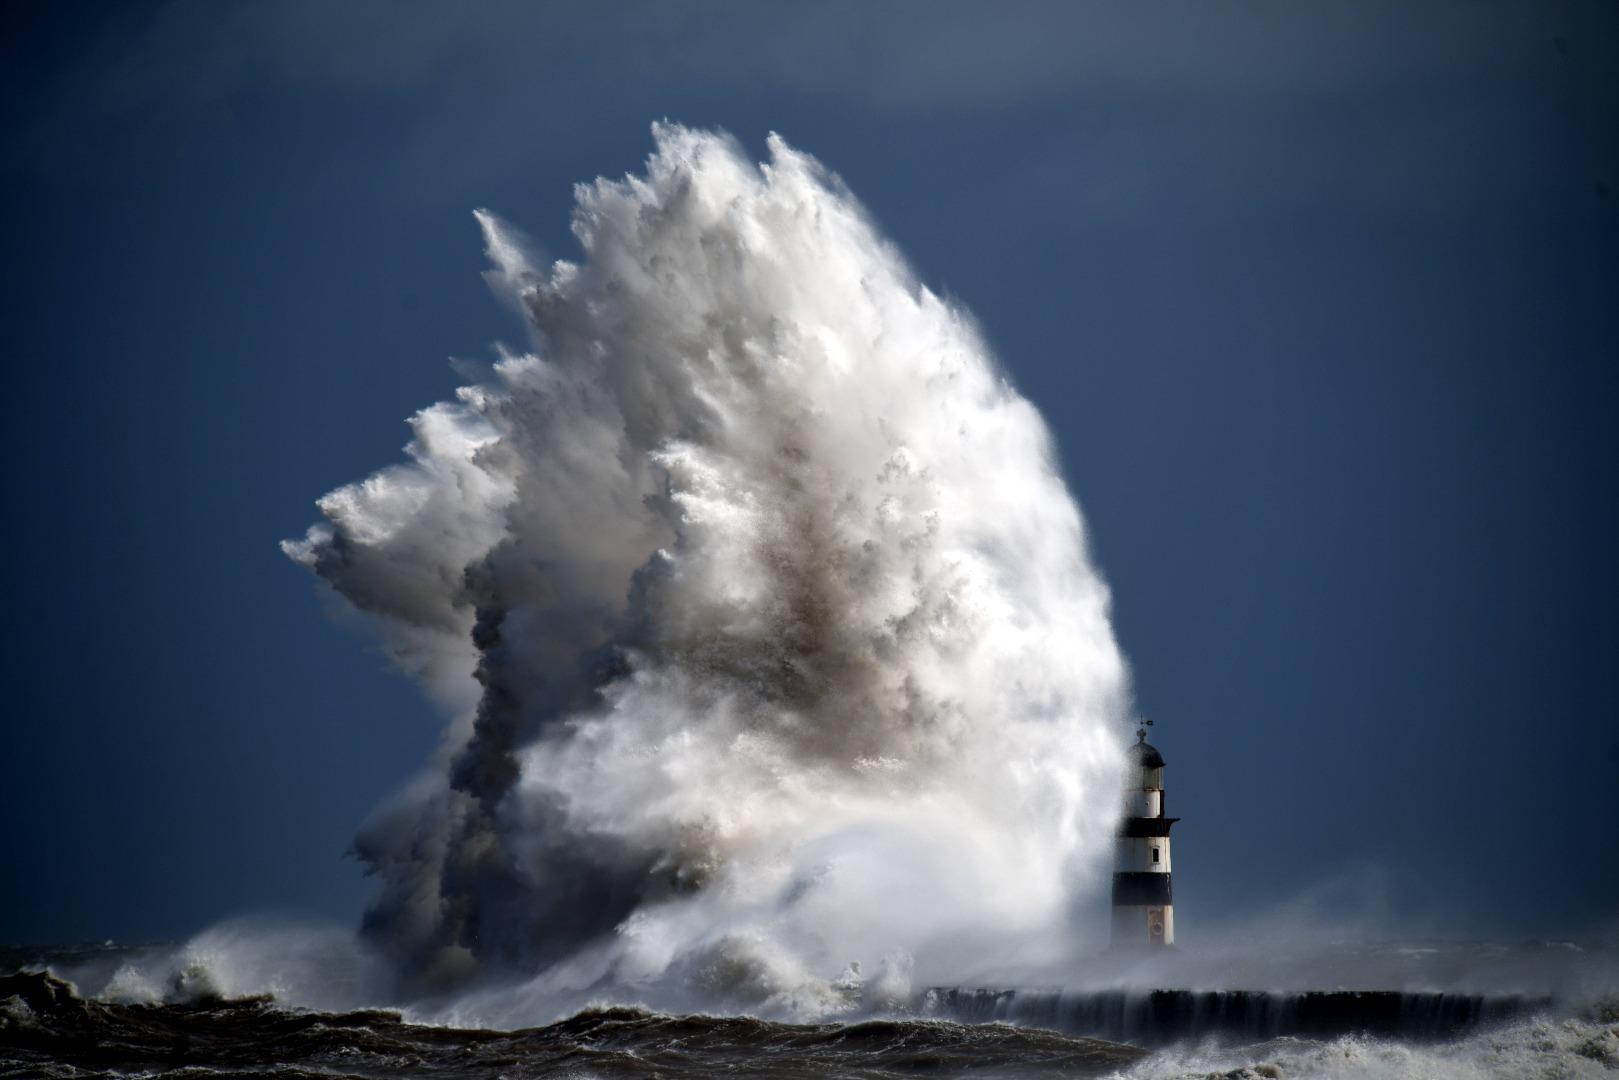 Шторм, наводнение, торнадо - победители престижного конкурса фотографий природных катаклизмов.Вокруг Света. Украина